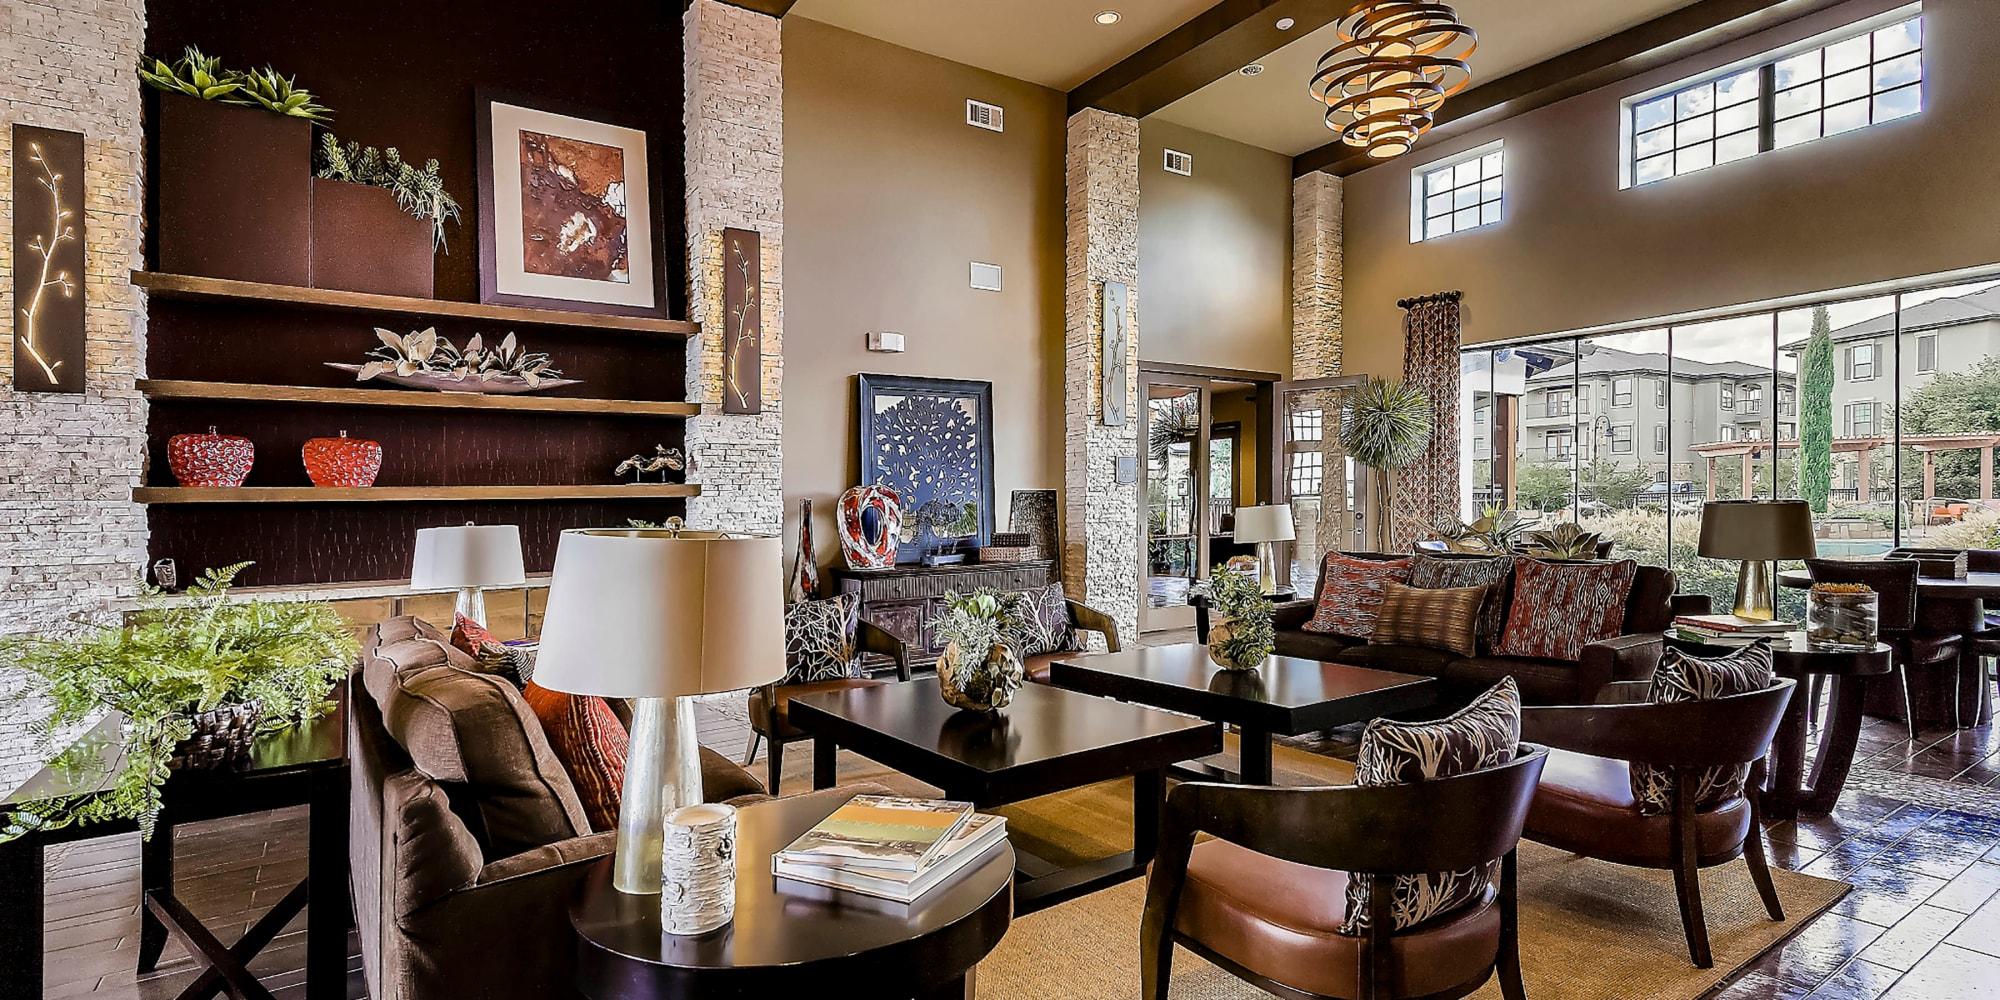 Sedona Ranch apartments in Odessa, Texas